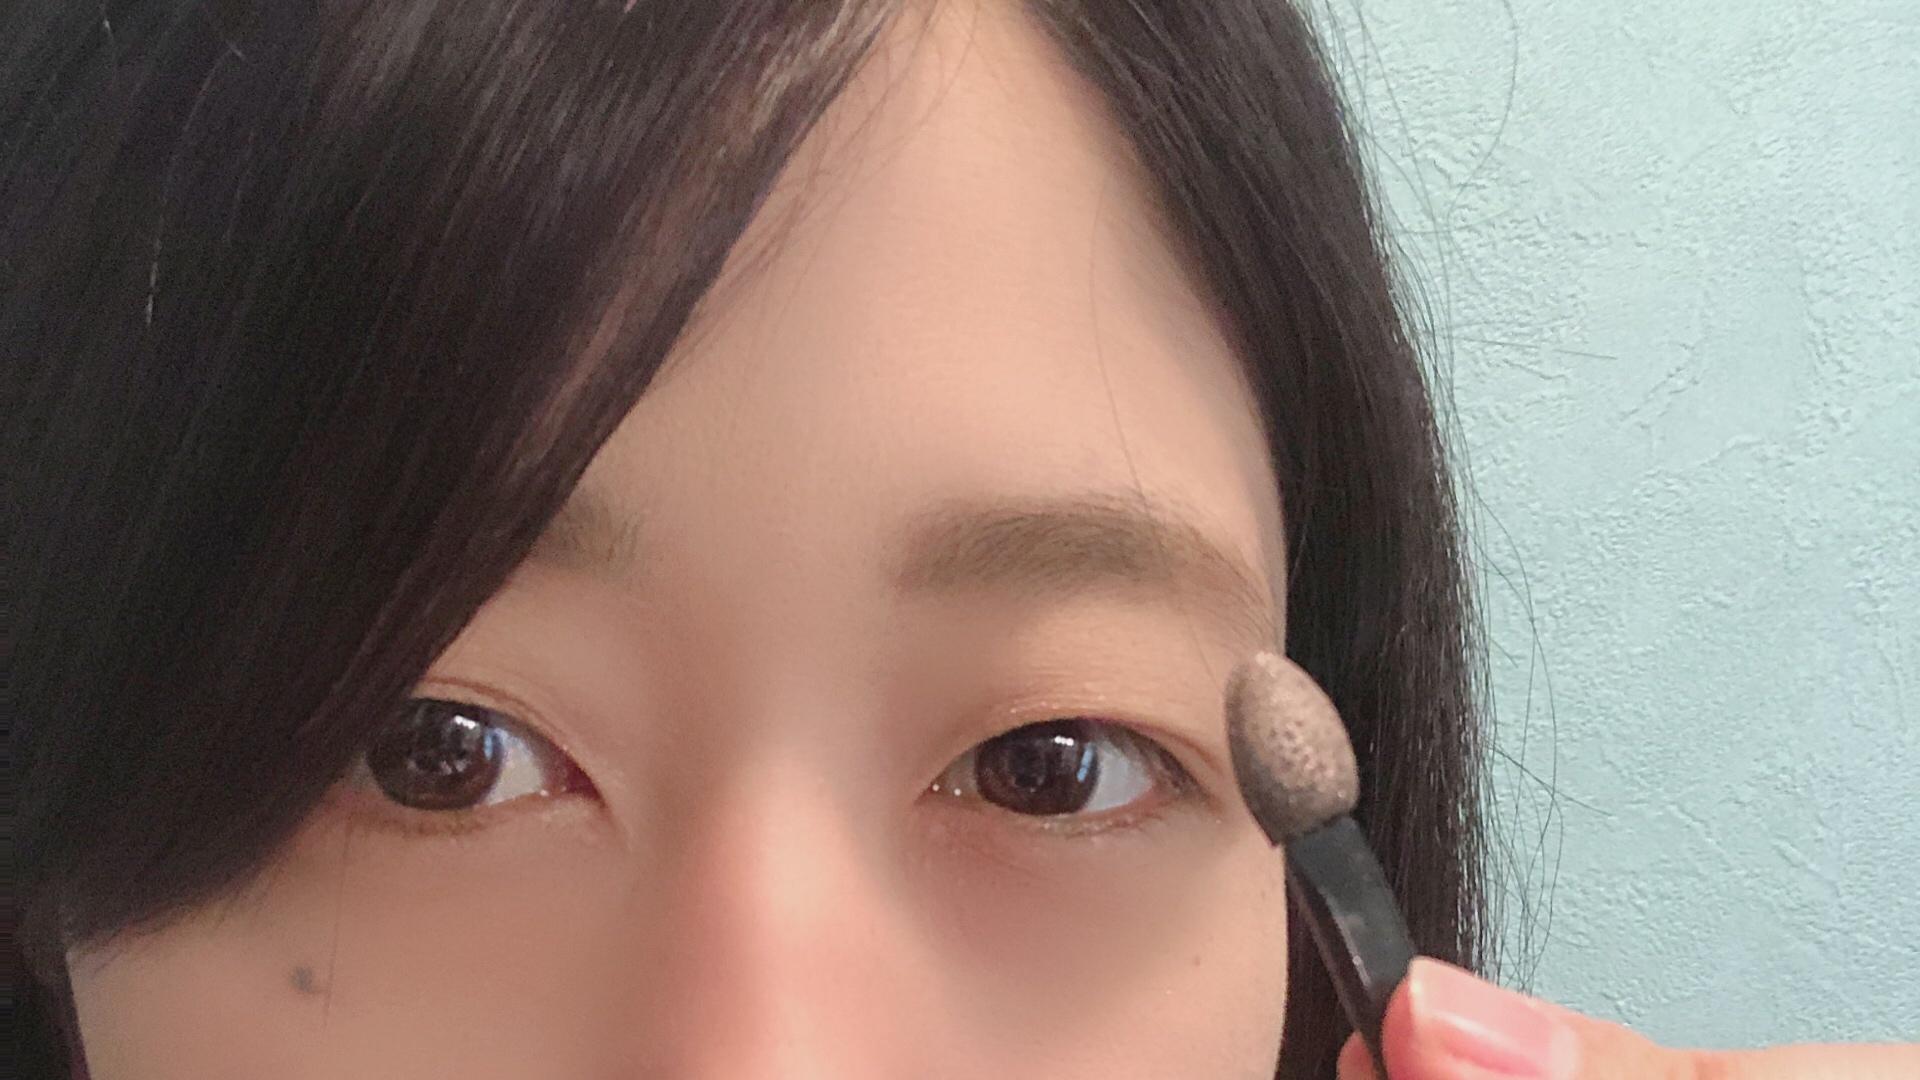 実践!白石麻衣ちゃんオレンジブラウンアイメイク術_3